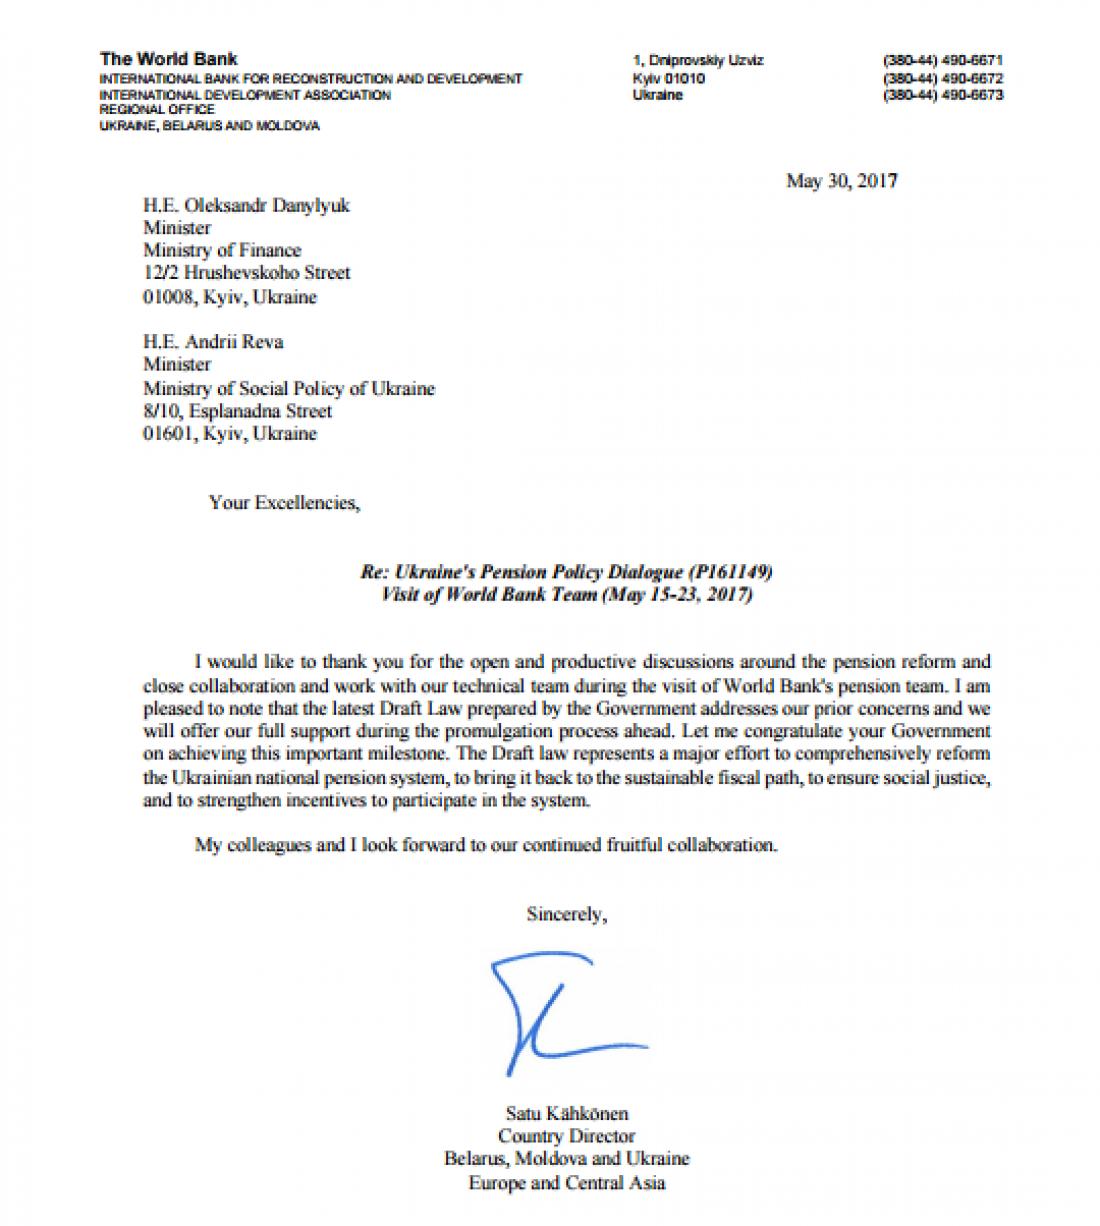 Письмо директора ВБ по делам Беларуси, Молдовы и Украины Сату Кахконен